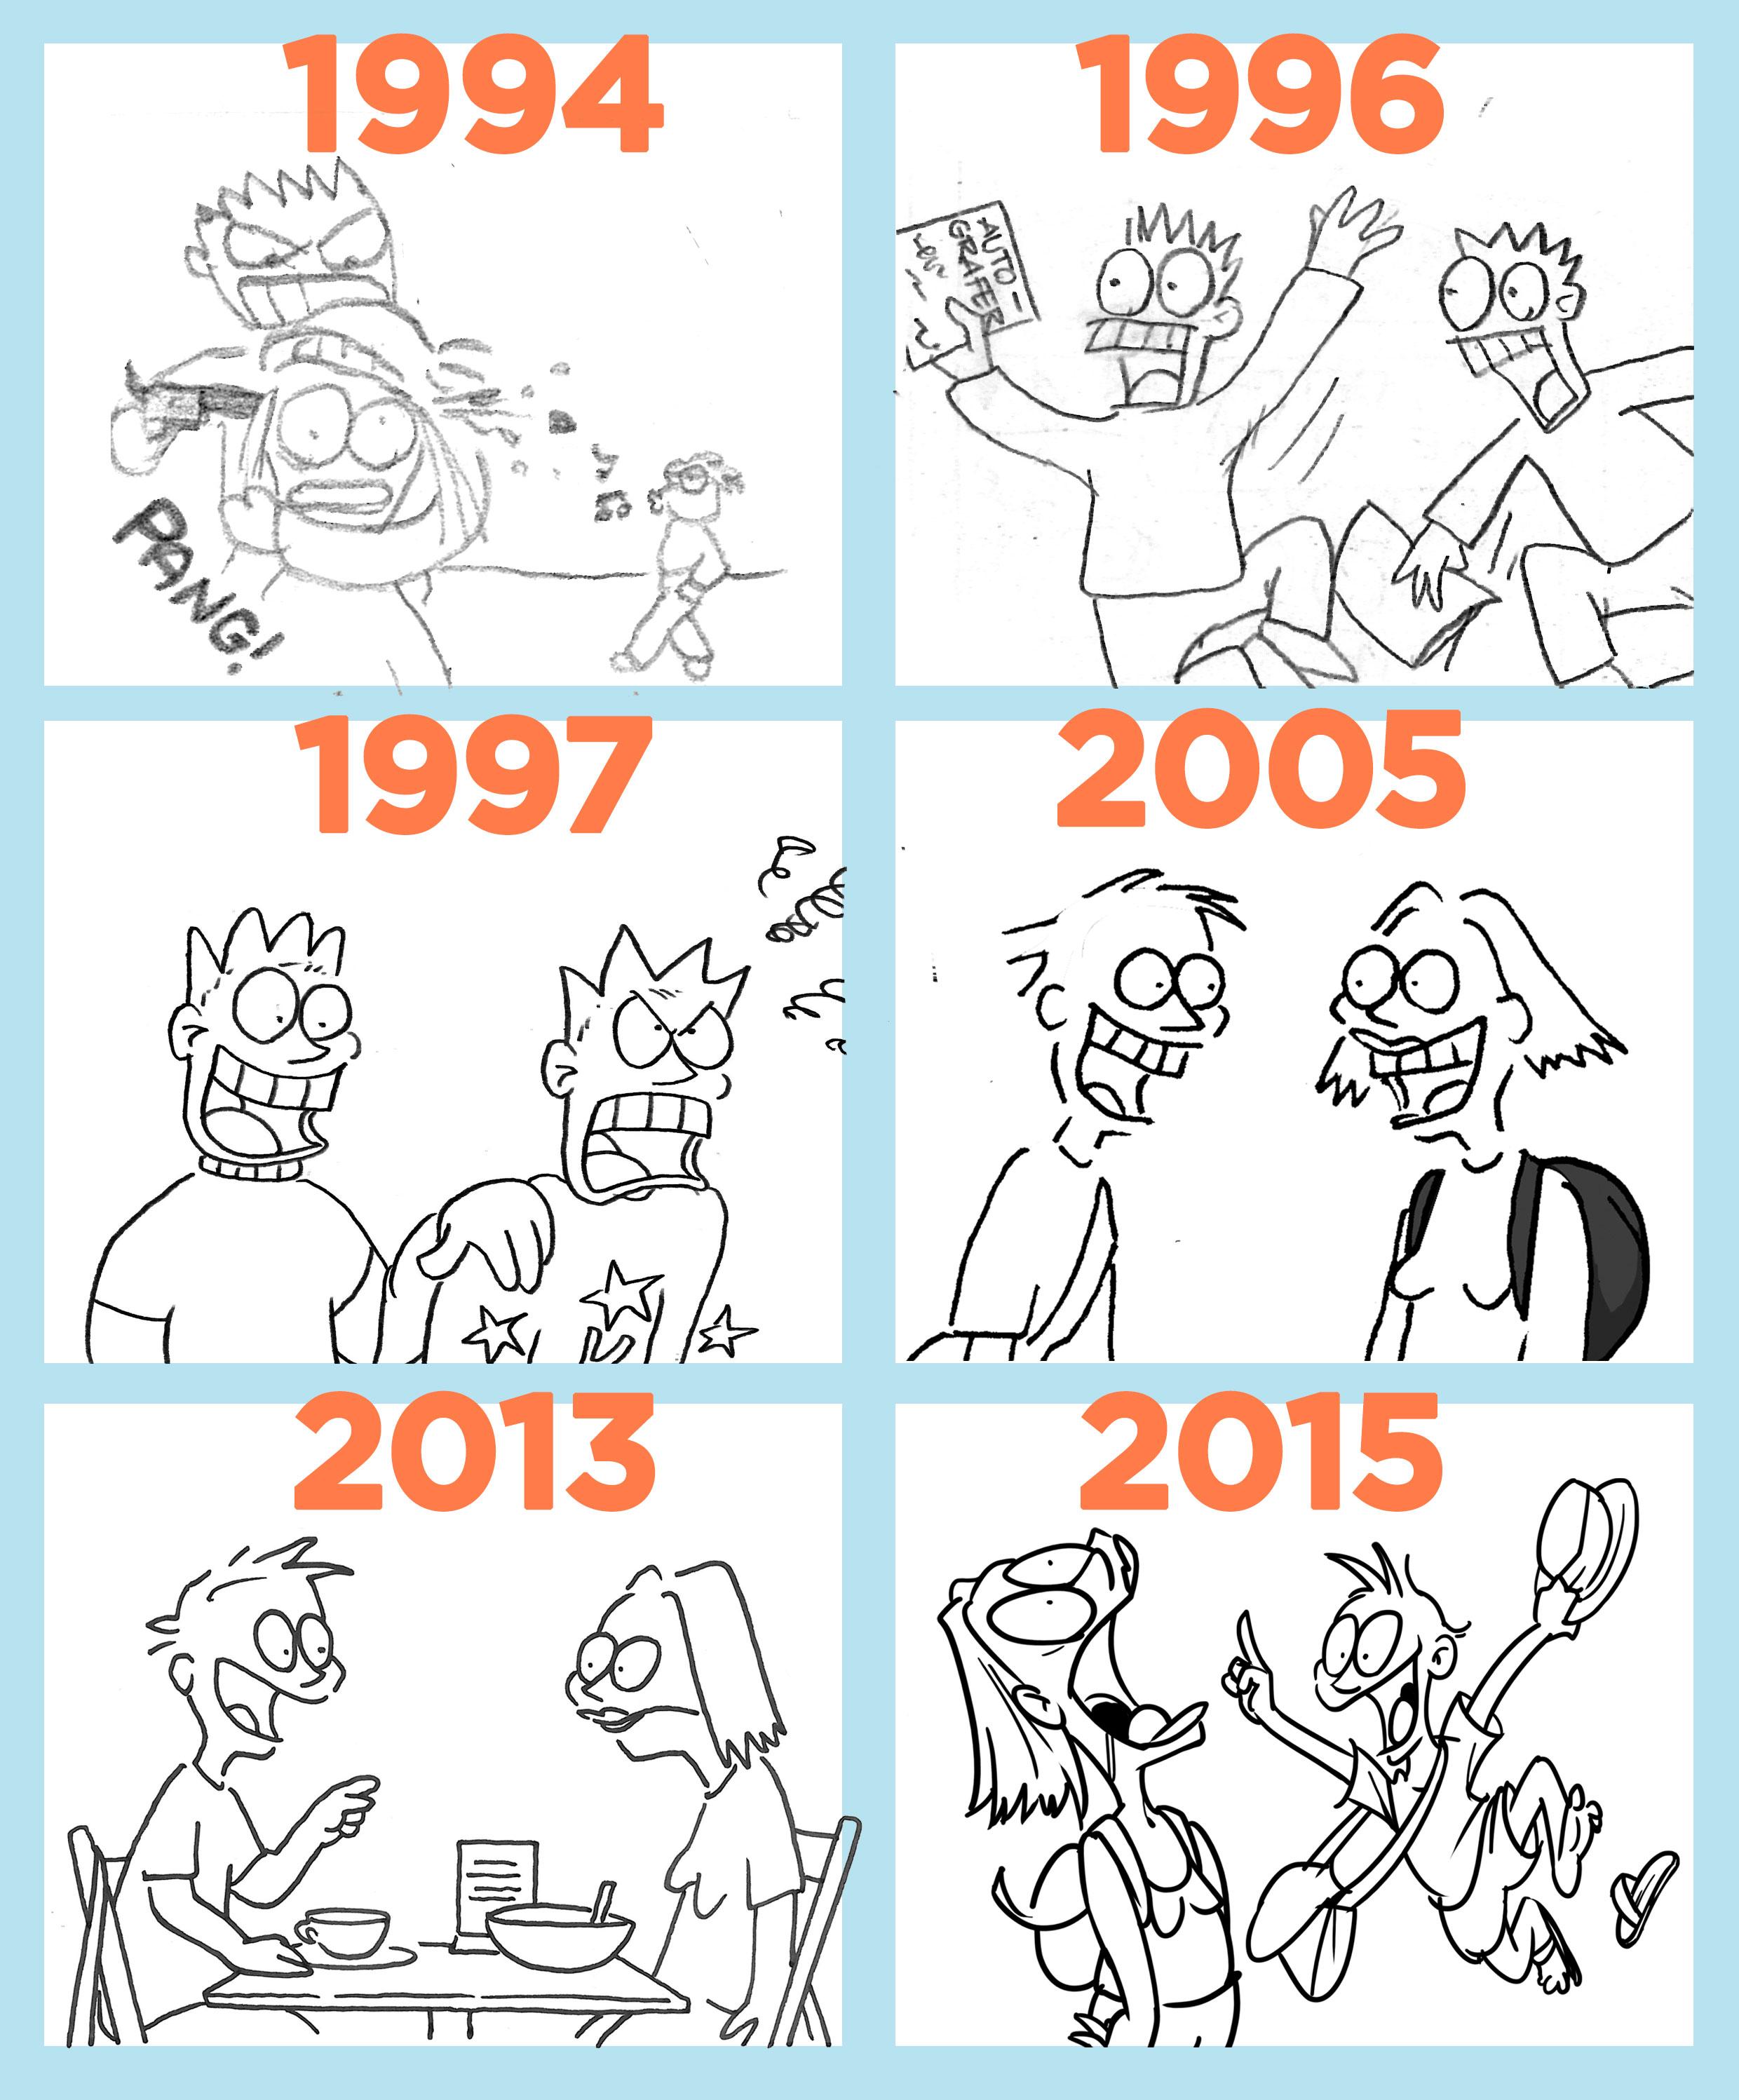 Stilutvikling tegneseriefigurer.